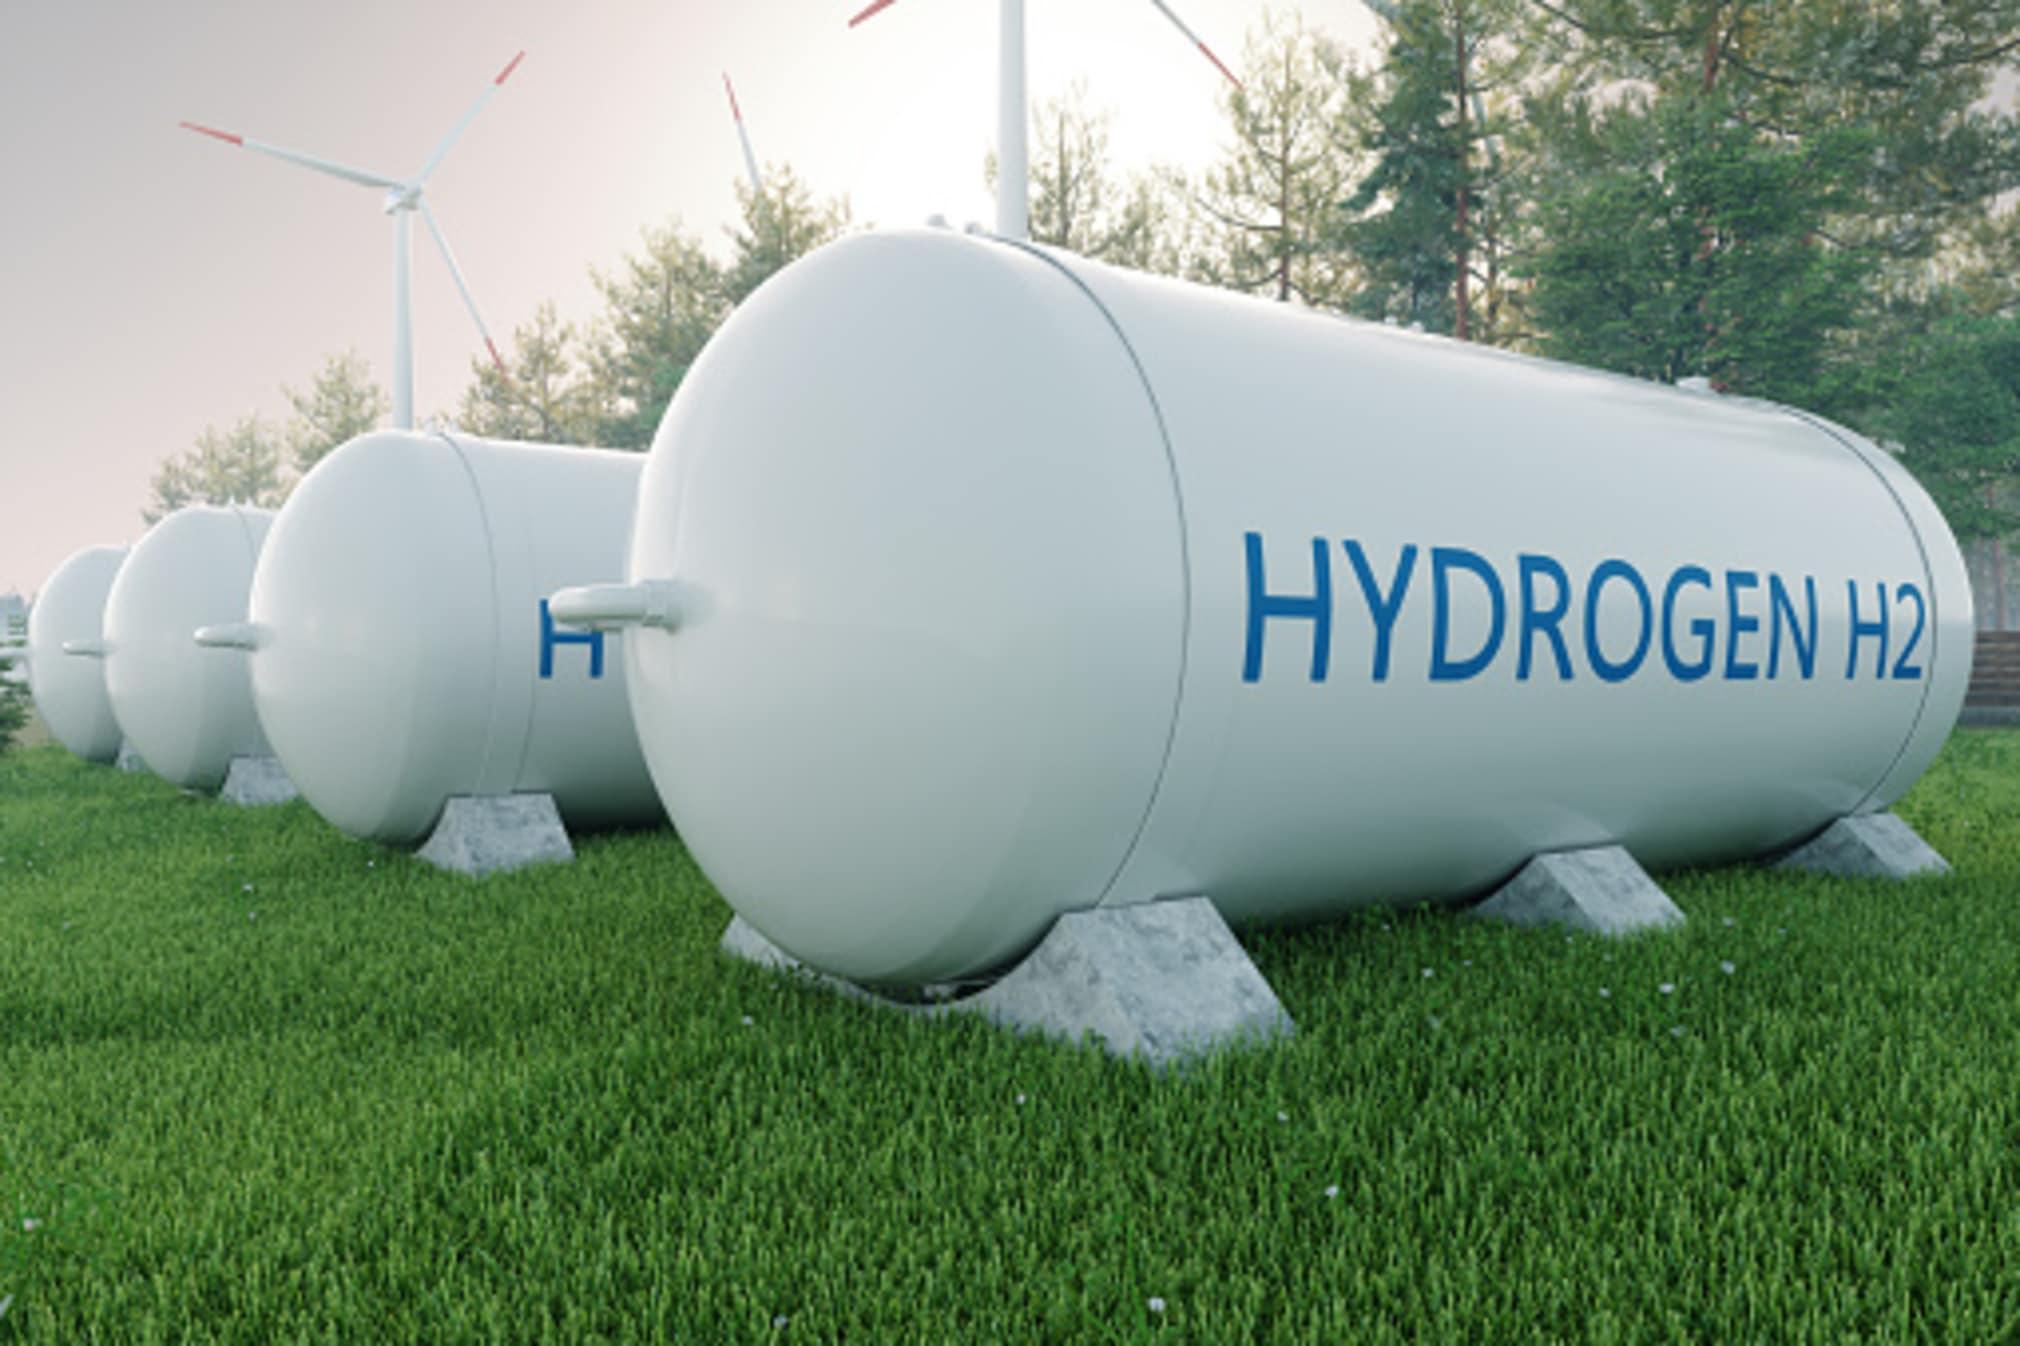 Idrogeno verde, Puglia, stabilimenti, elettrolisi, rinnovabili, fotovoltaico, sostenibilità, transizione energetica, neutralità climatica, energia , futuro, industria, produzione, aziende, tecnologia, Energy Close-up Engineering